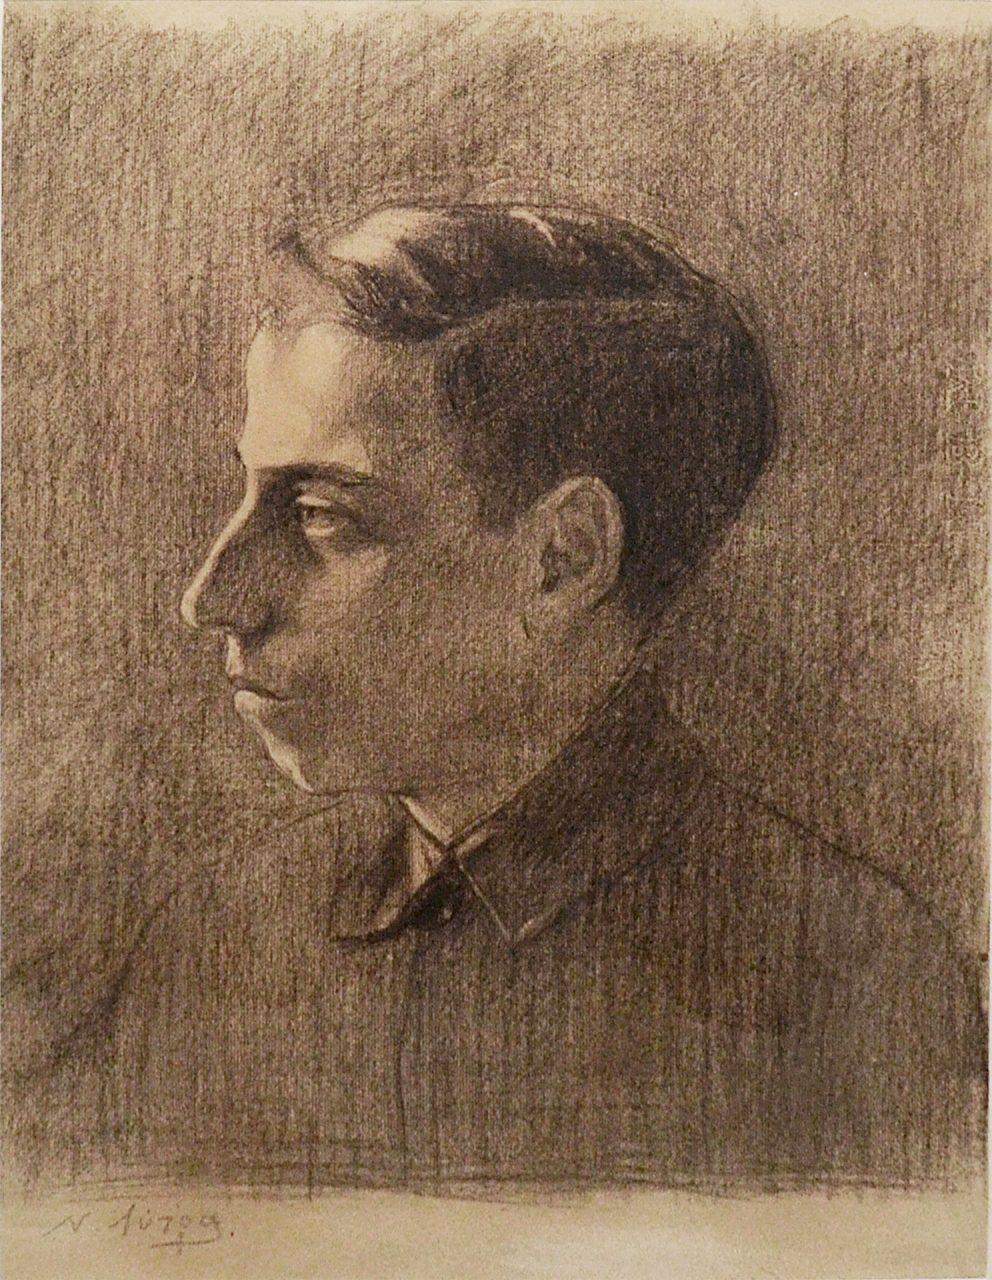 19a (Marinos Geroulanos peri to 1900)